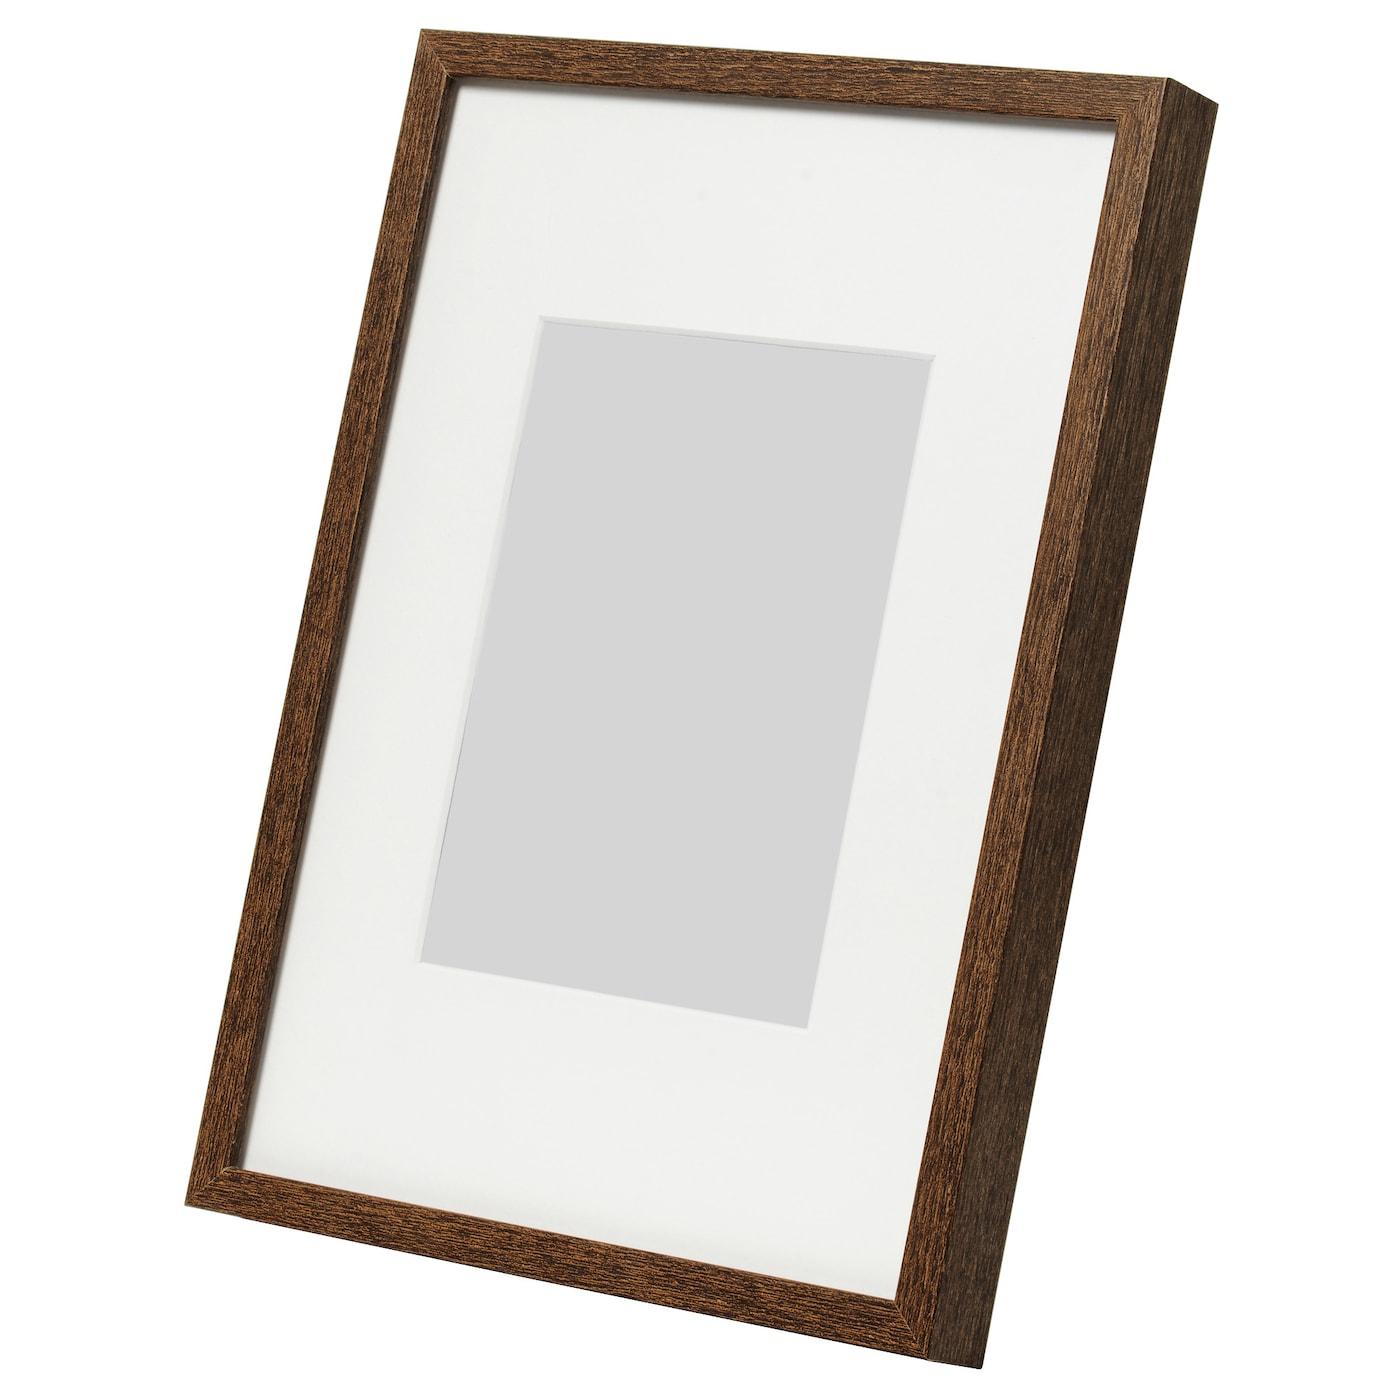 Marcos de fotos y láminas | Decoración | Compra Online IKEA